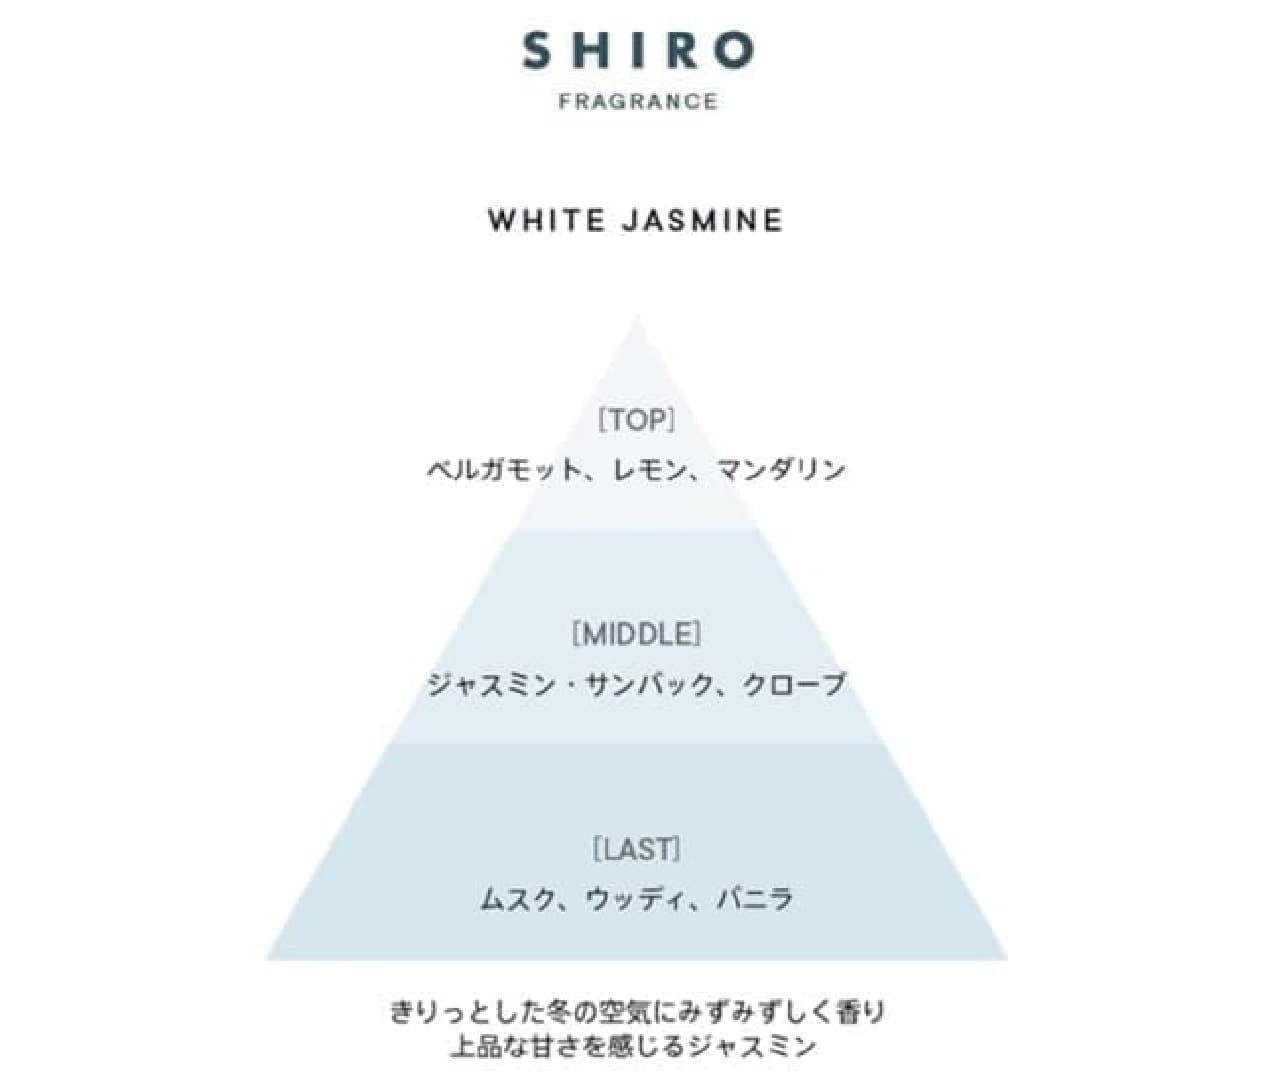 SHIROホワイトジャスミン